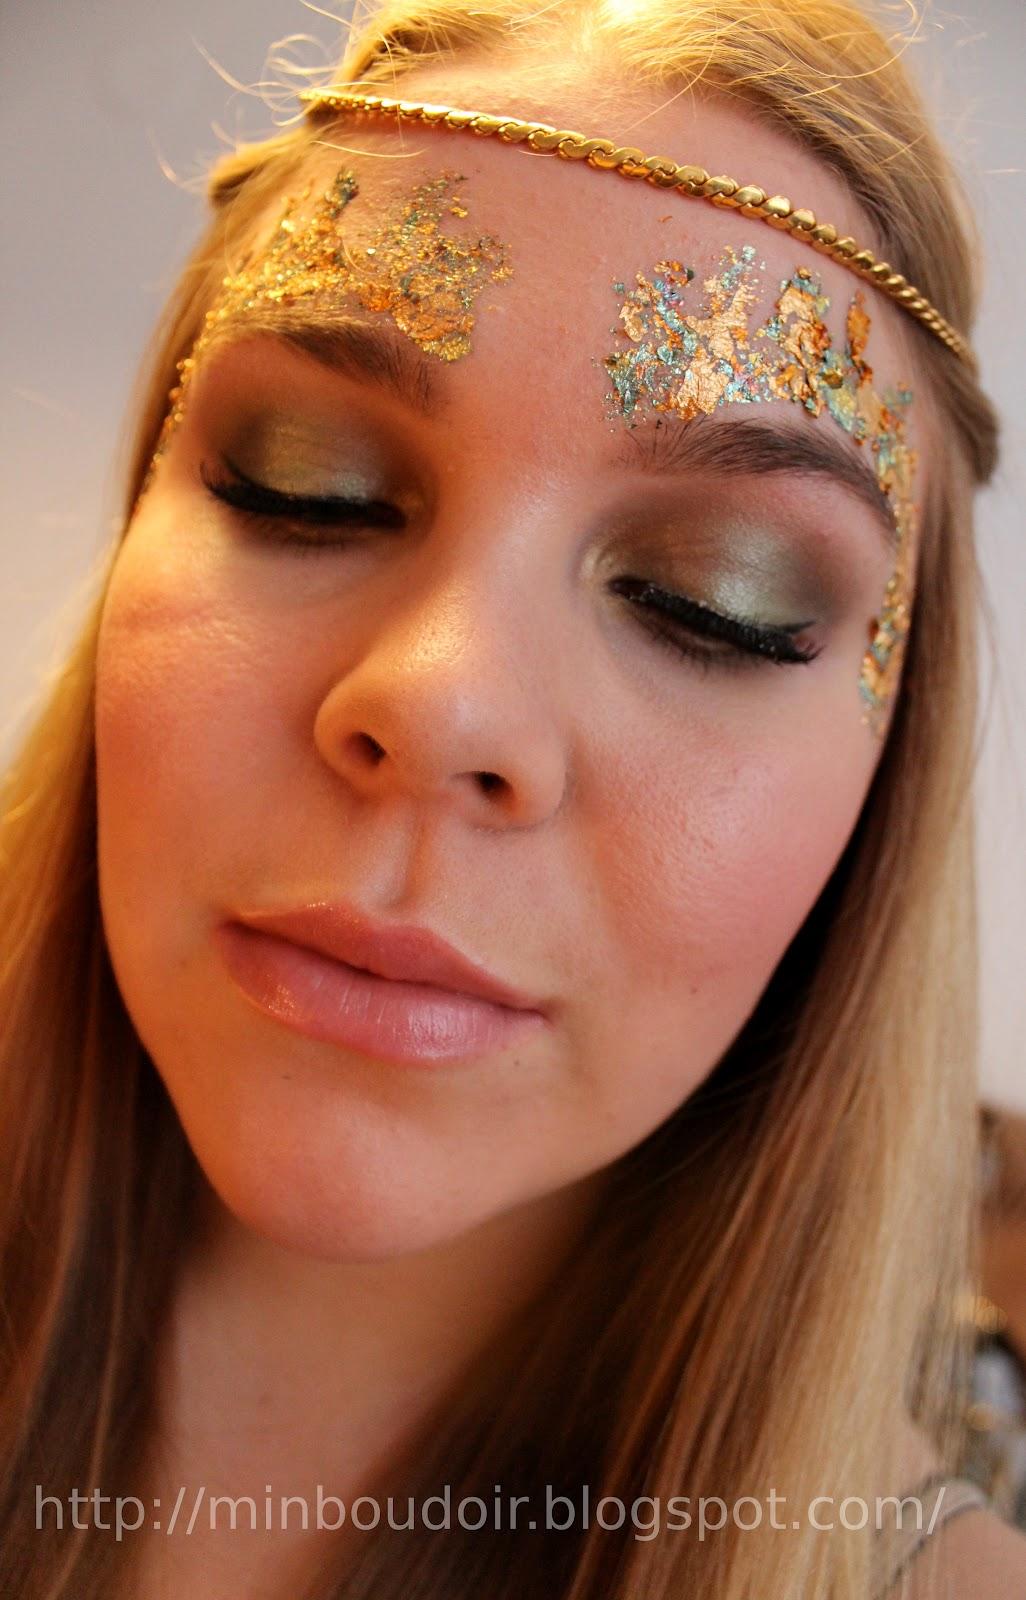 Min Boudoir Green Fairy Forest Nymph Makeup